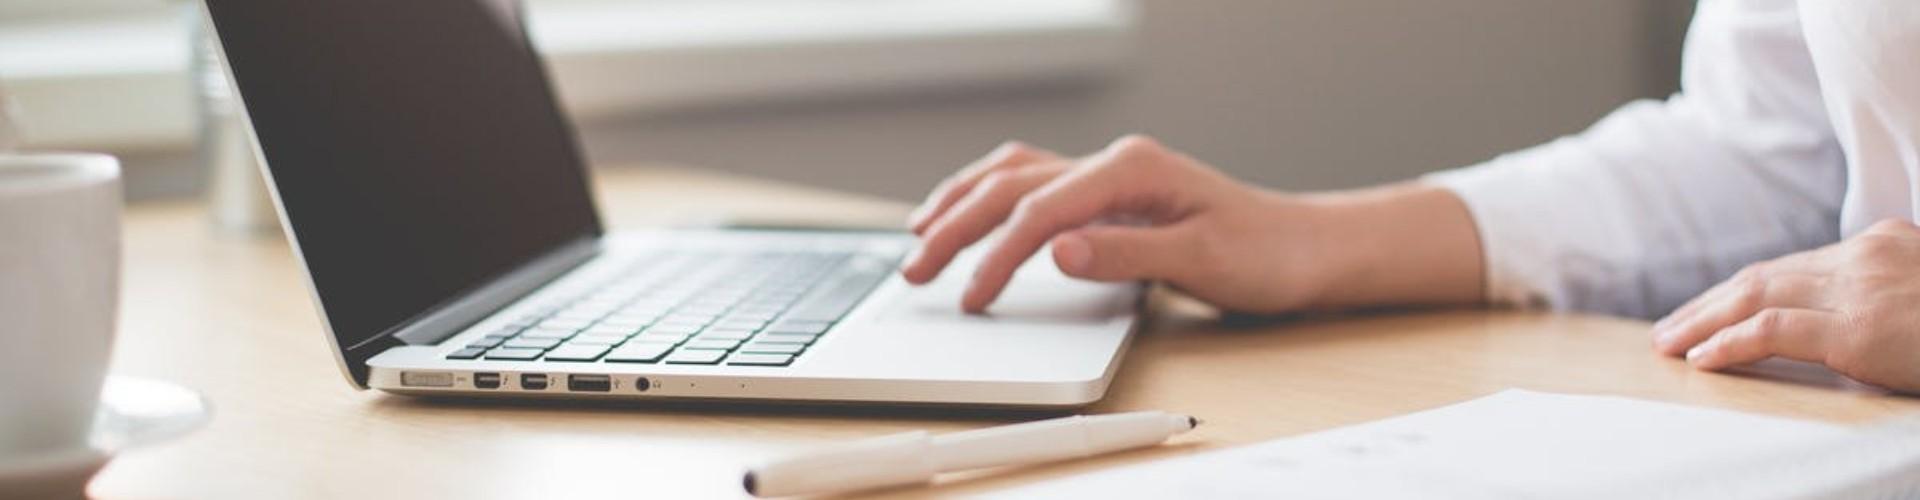 Cómo Enviar tu Currículum a Fnac: Ejemplos y Pasos en 2020